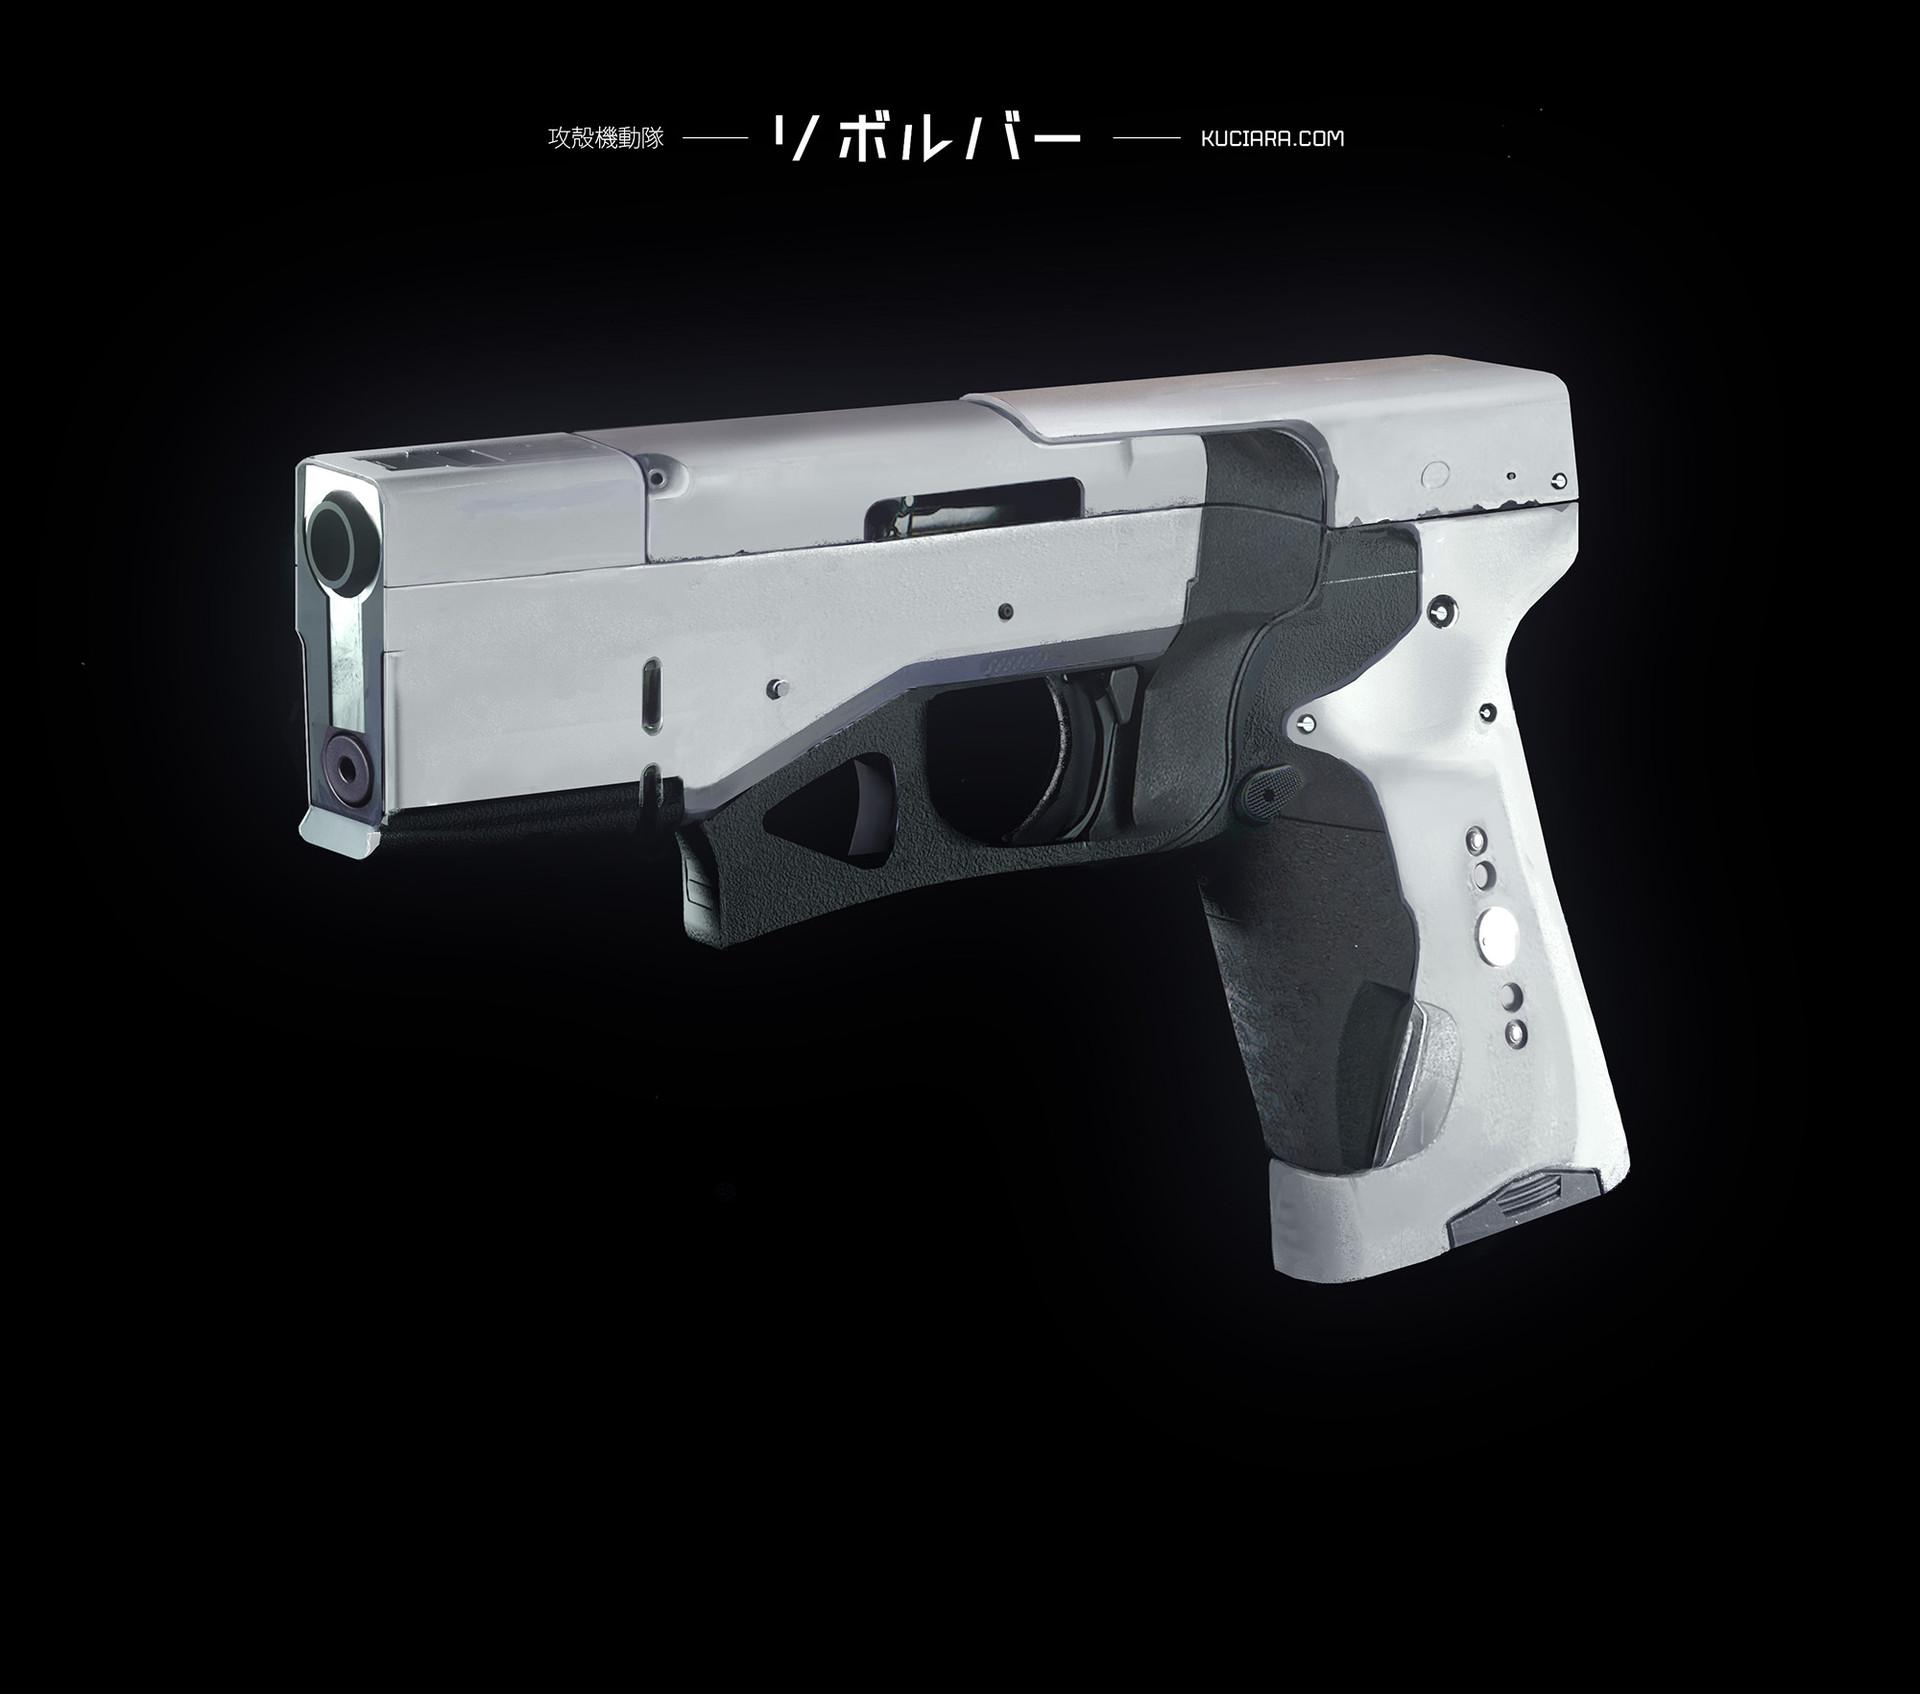 Maciej kuciara 092915 wpn major pistol white mk v002